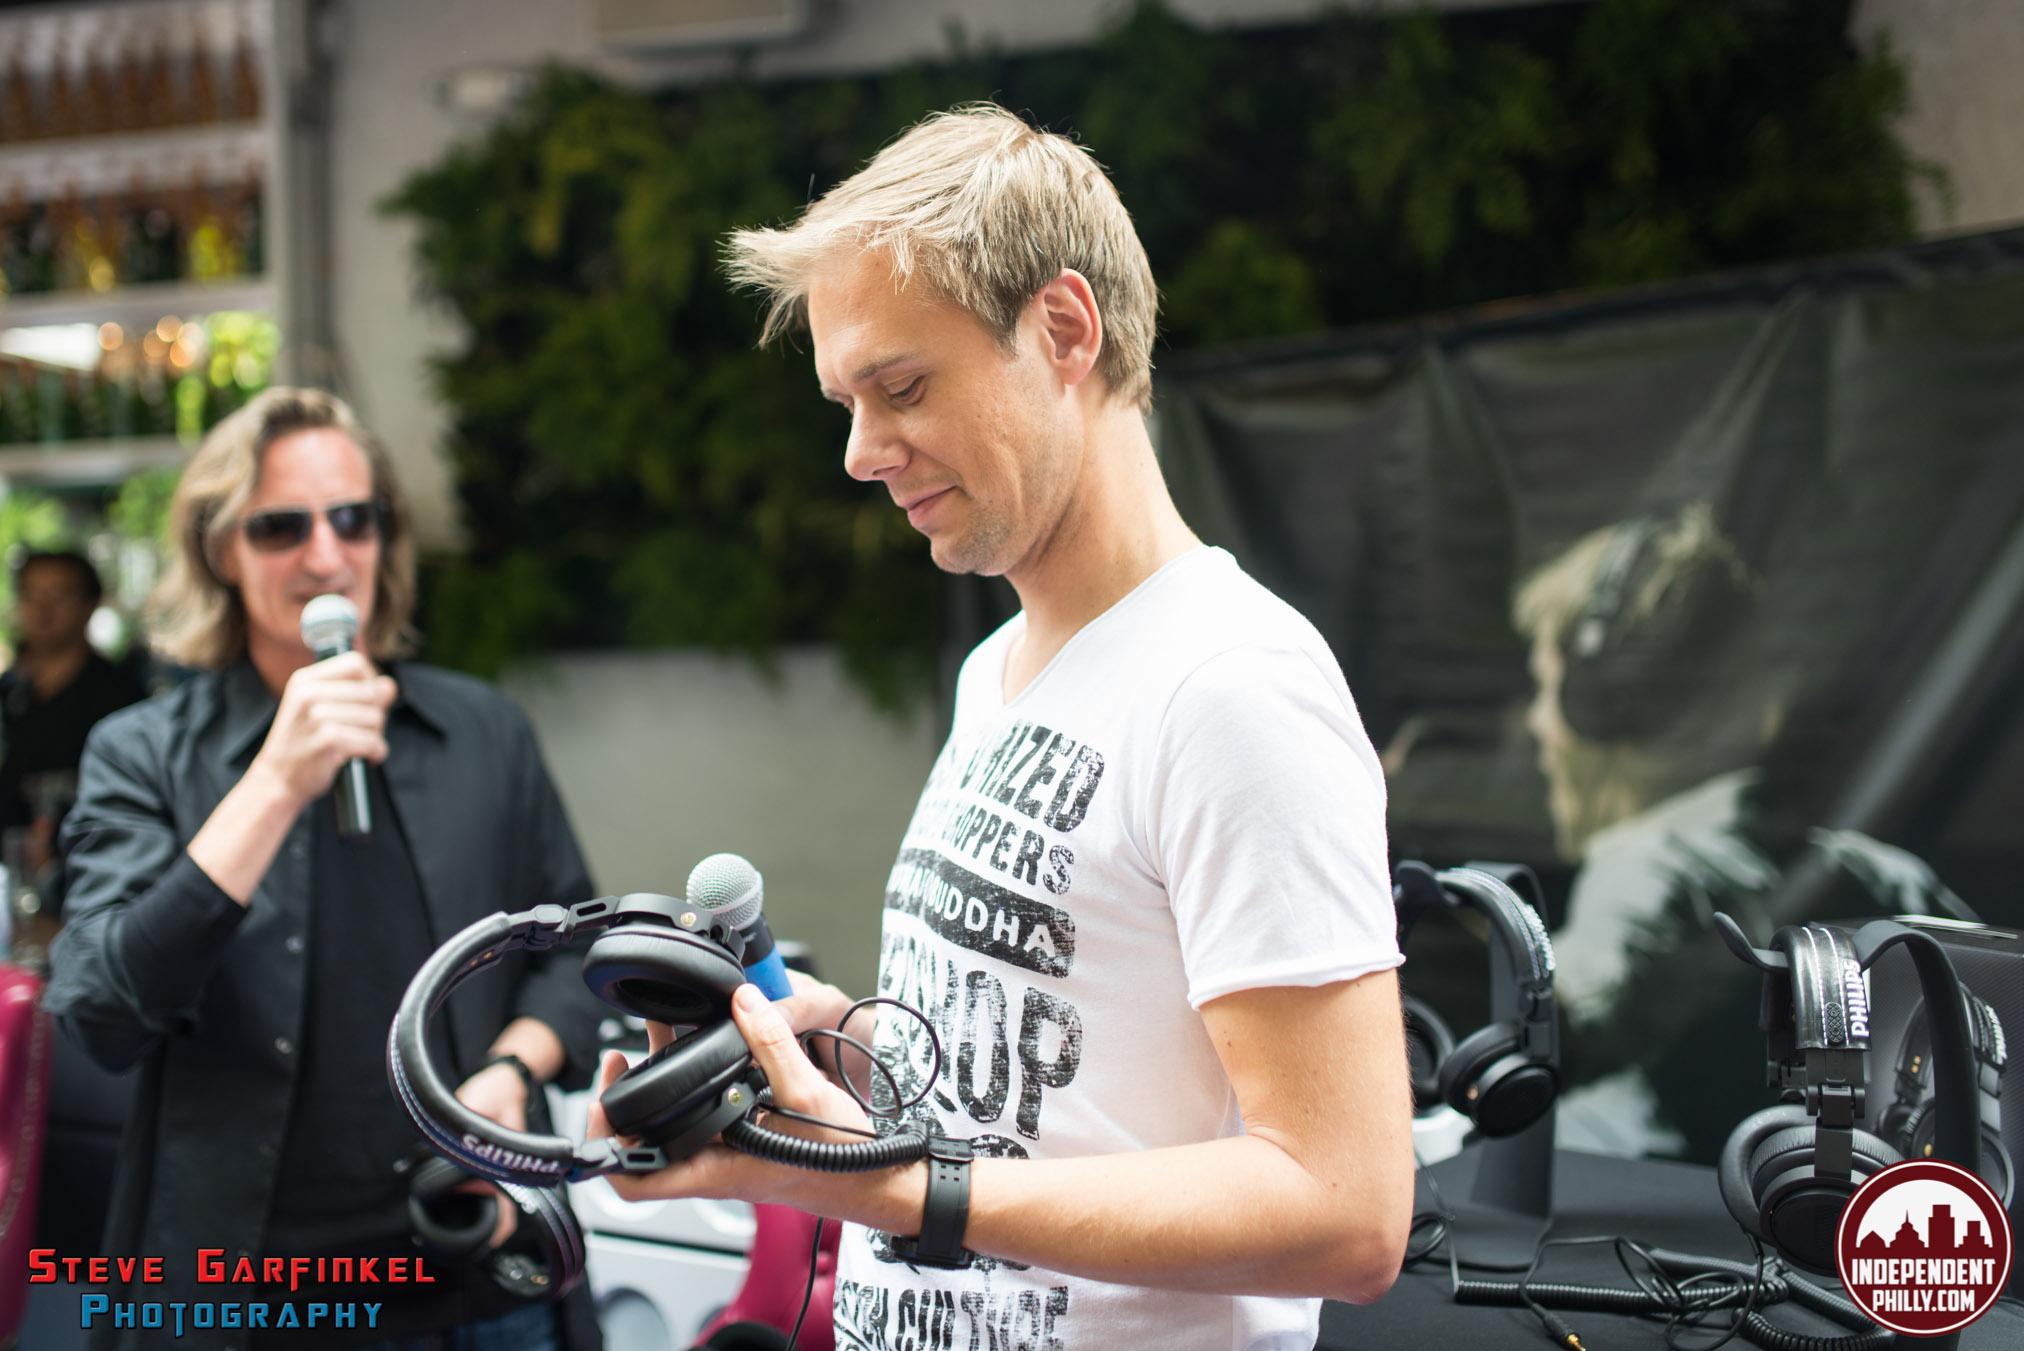 Armin-7